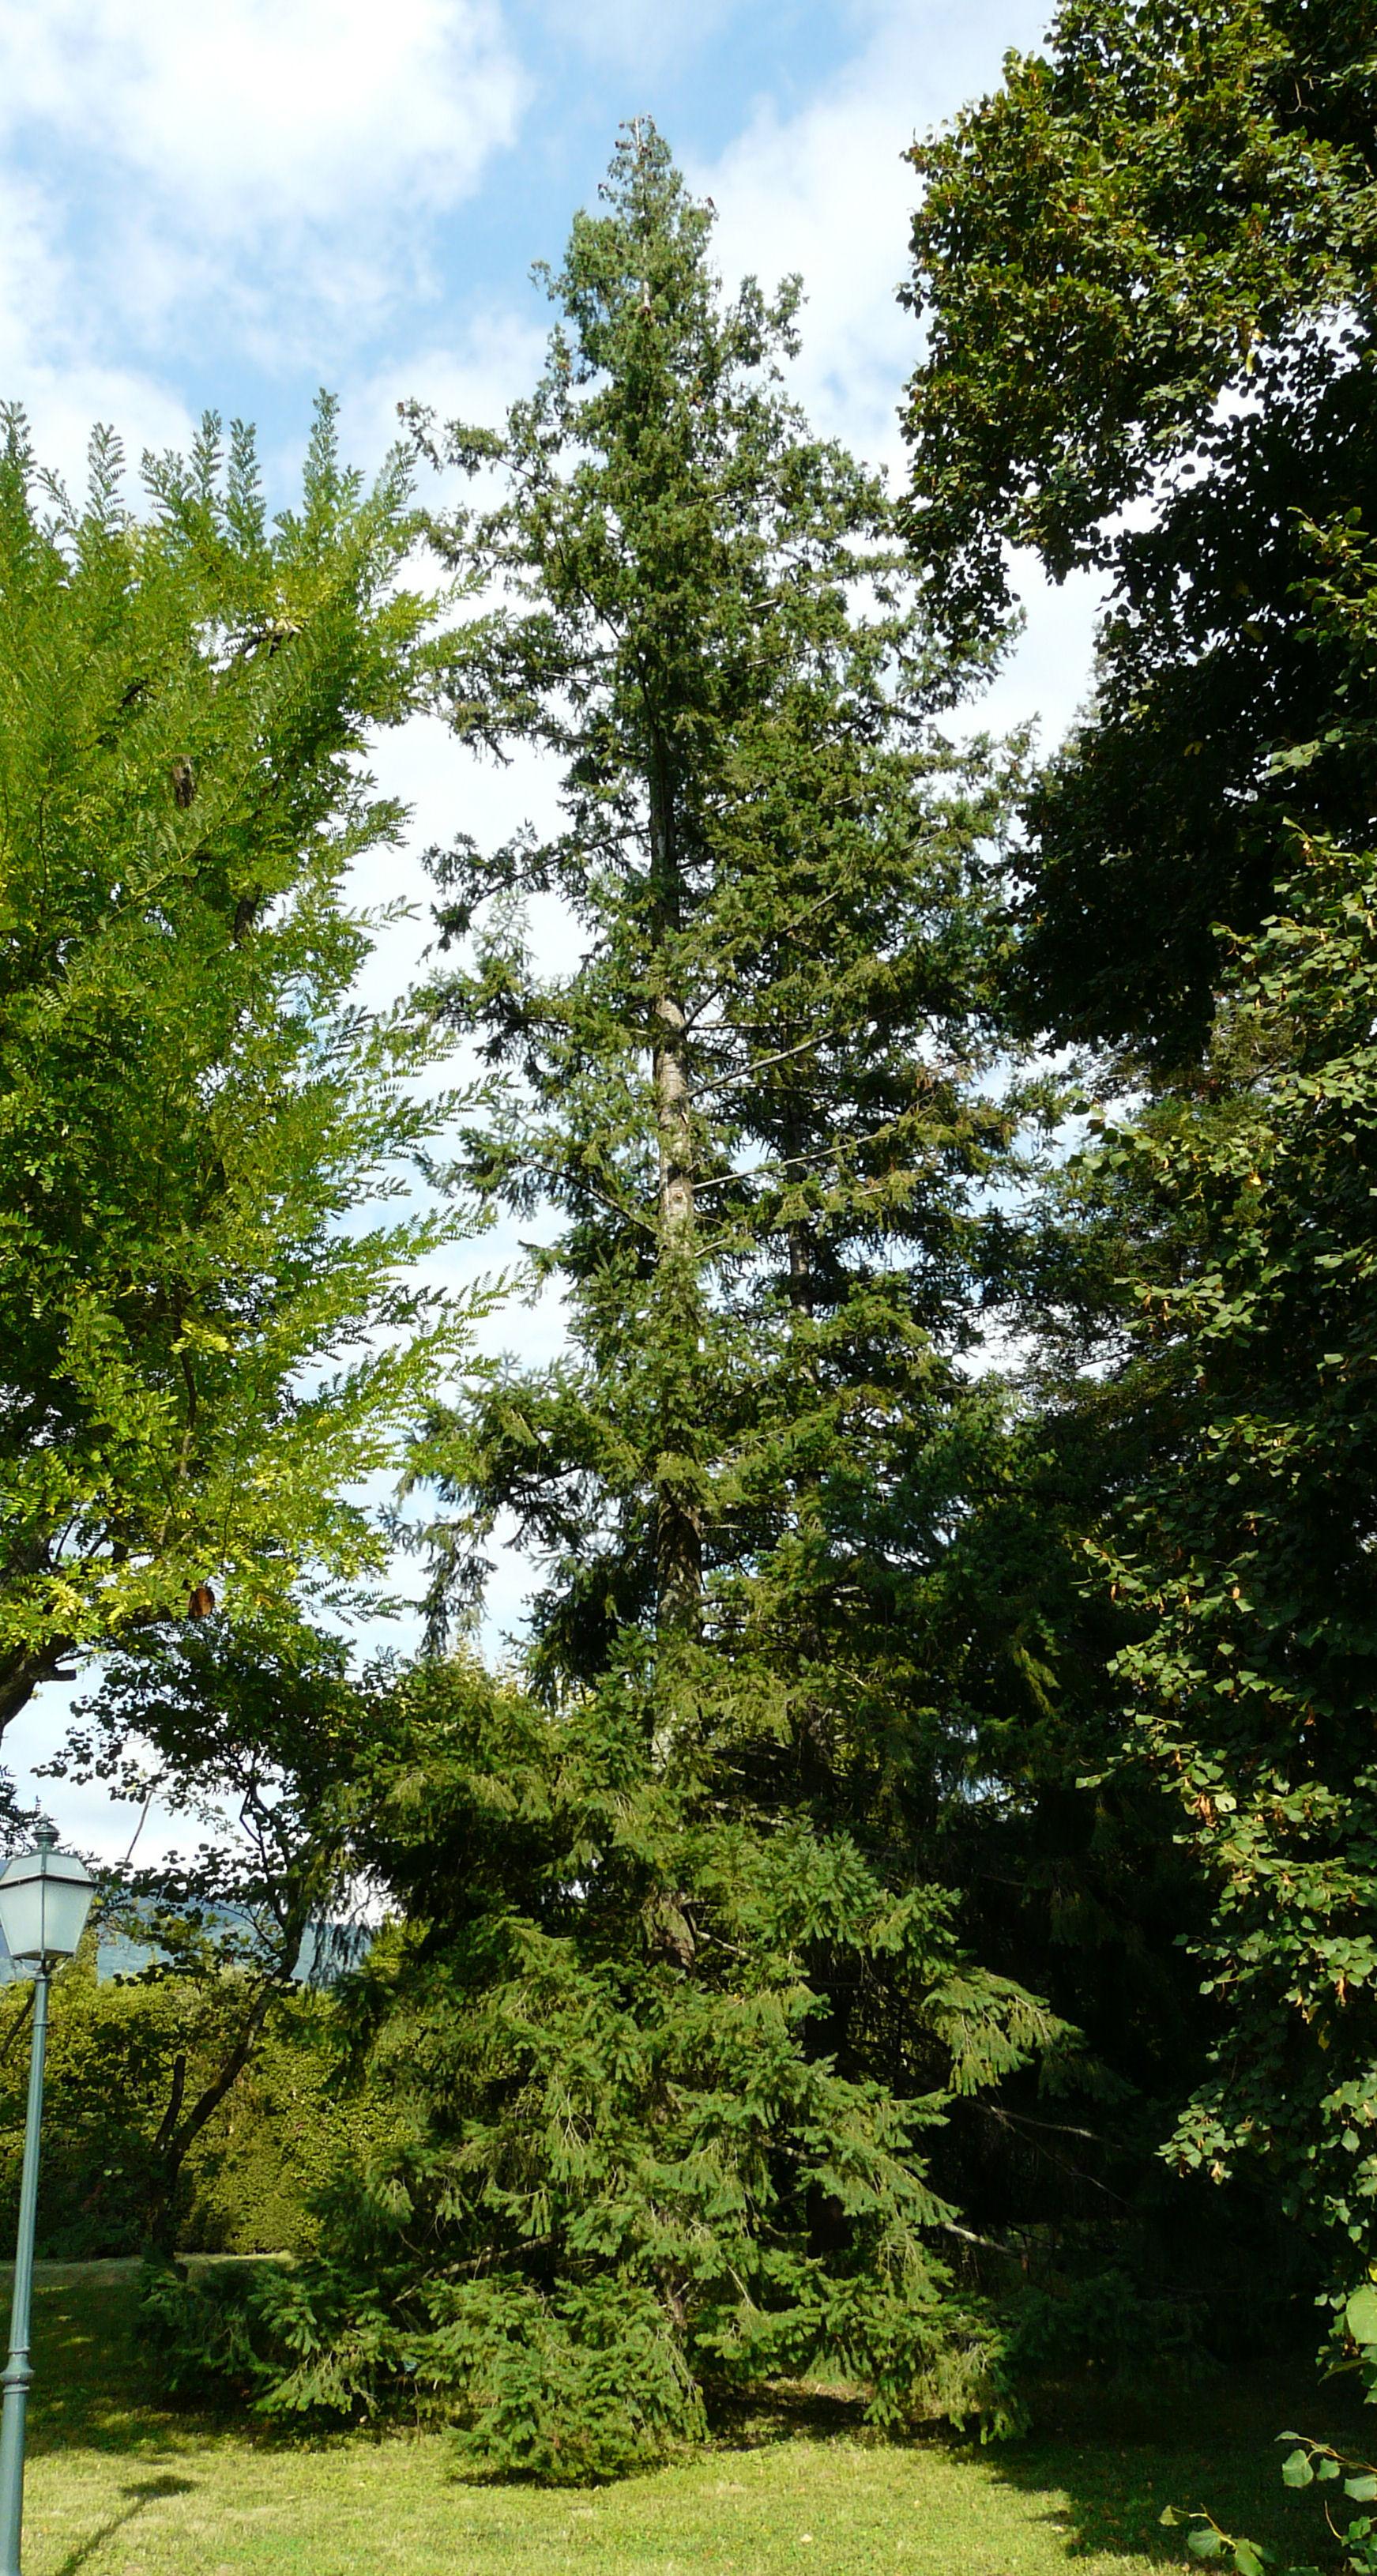 © Dipartimento di Scienze della Vita, Università degli Studi di Trieste<br>by Andrea Moro<br>Comune di Capannori, località Marlia, Giardino della Villa Grabau., LU, Toscana, Italia, 18/09/2008<br>Distributed under CC-BY-SA 4.0 license.